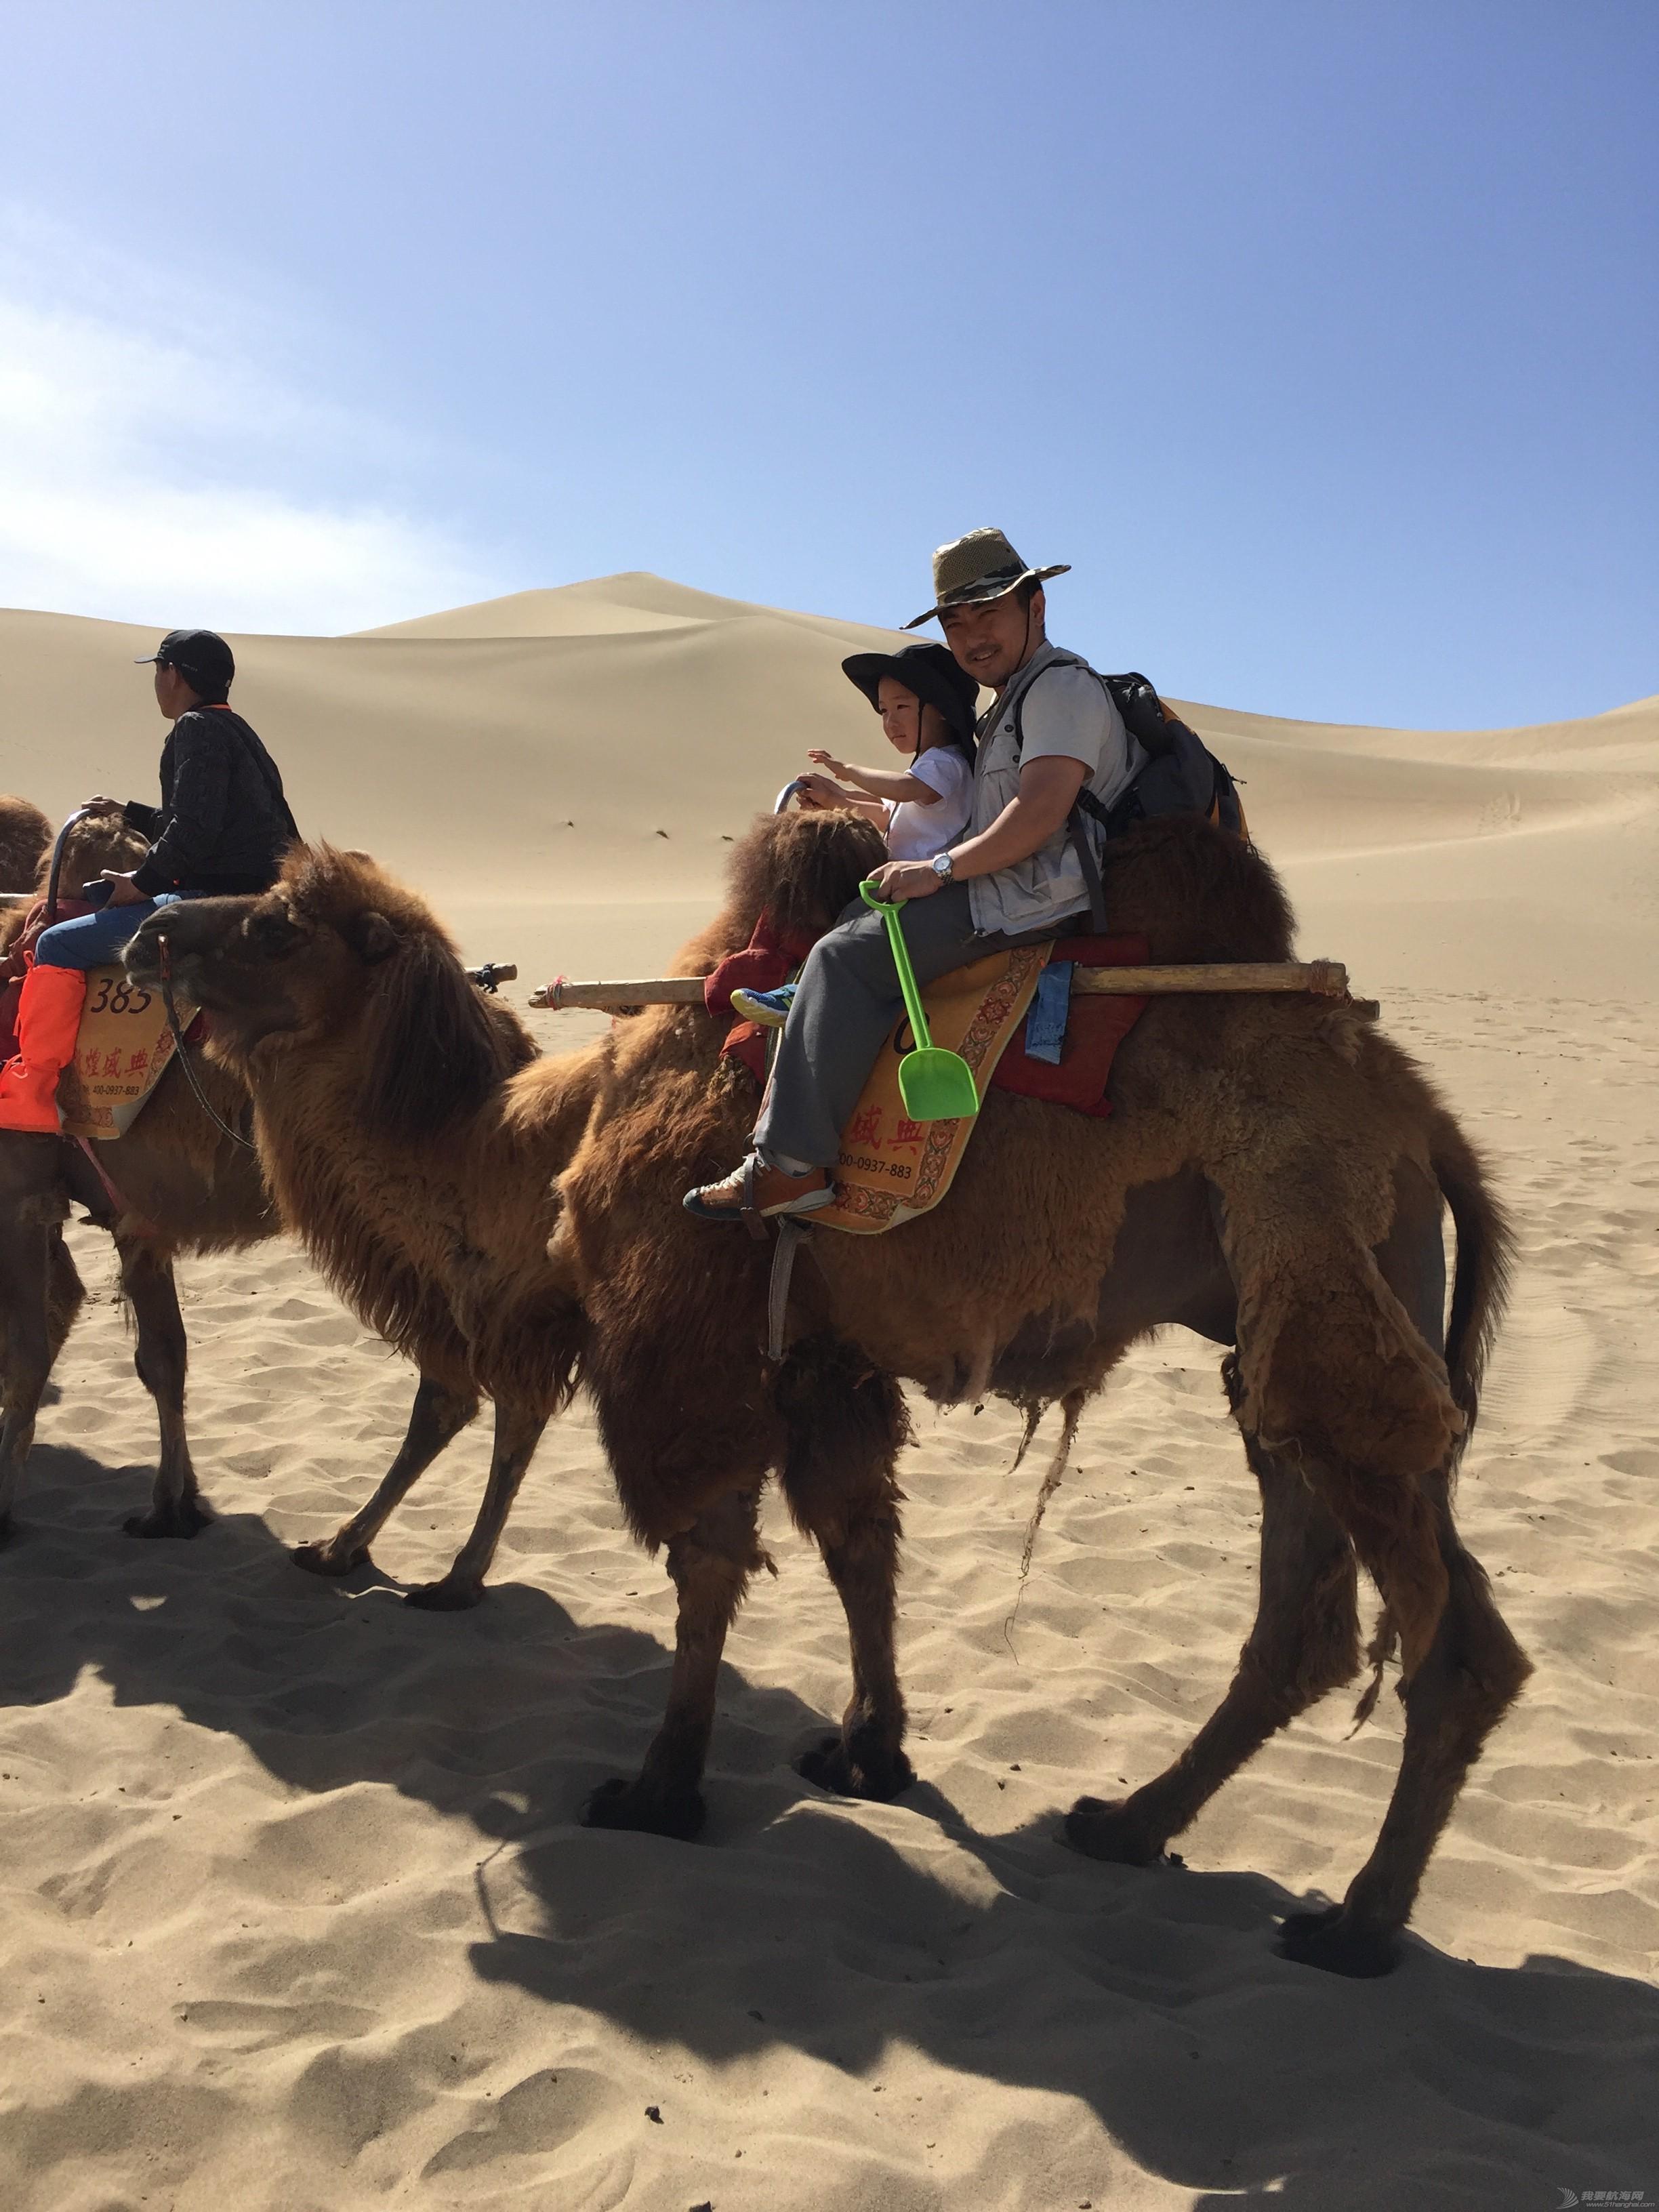 2016-CCOR纪实:生活不止眼前的苟且,还有诗和远方的大海 大骆驼